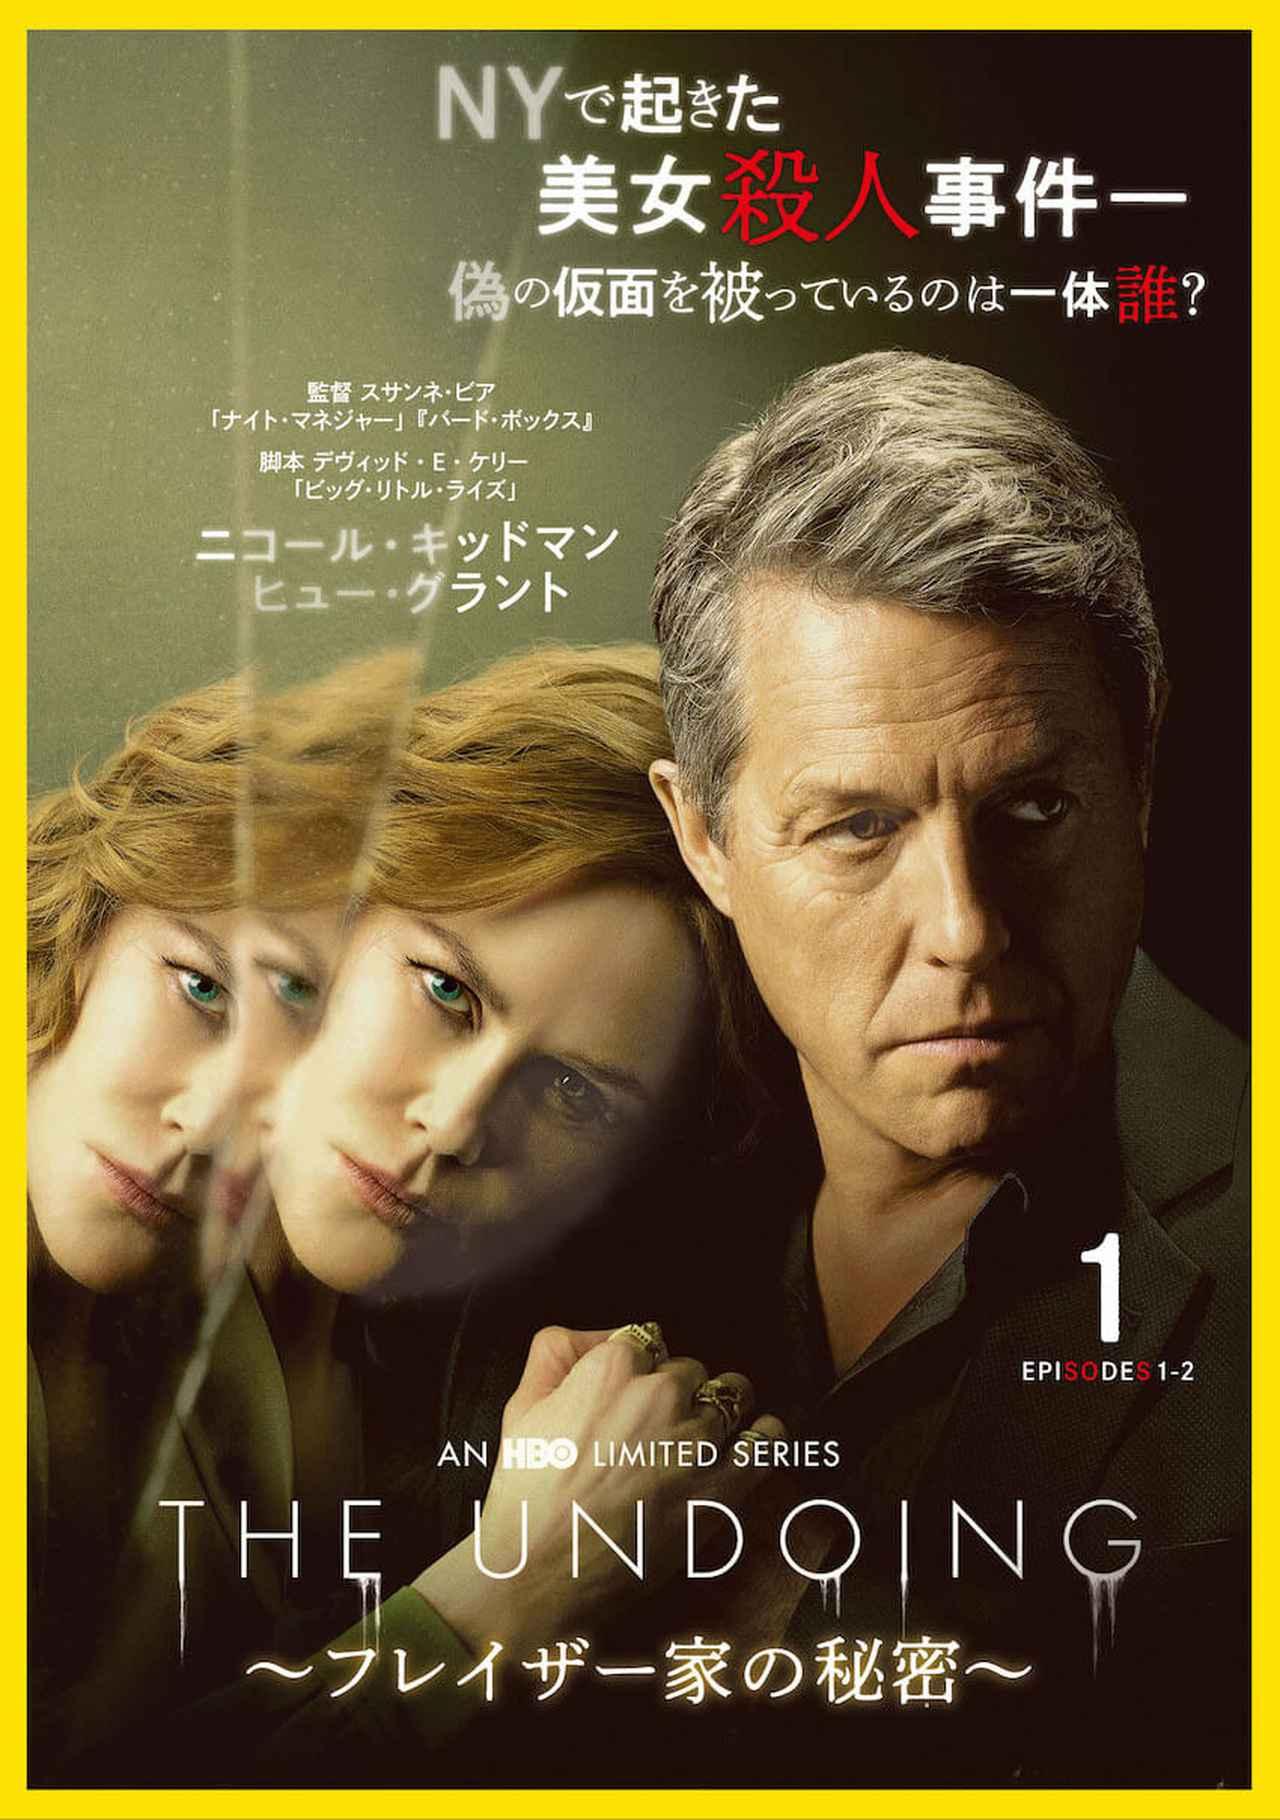 画像: 『THE UNDOING ~フレイザー家の秘密~』デジタルレンタル&ダウンロード販売中/DVDレンタル中